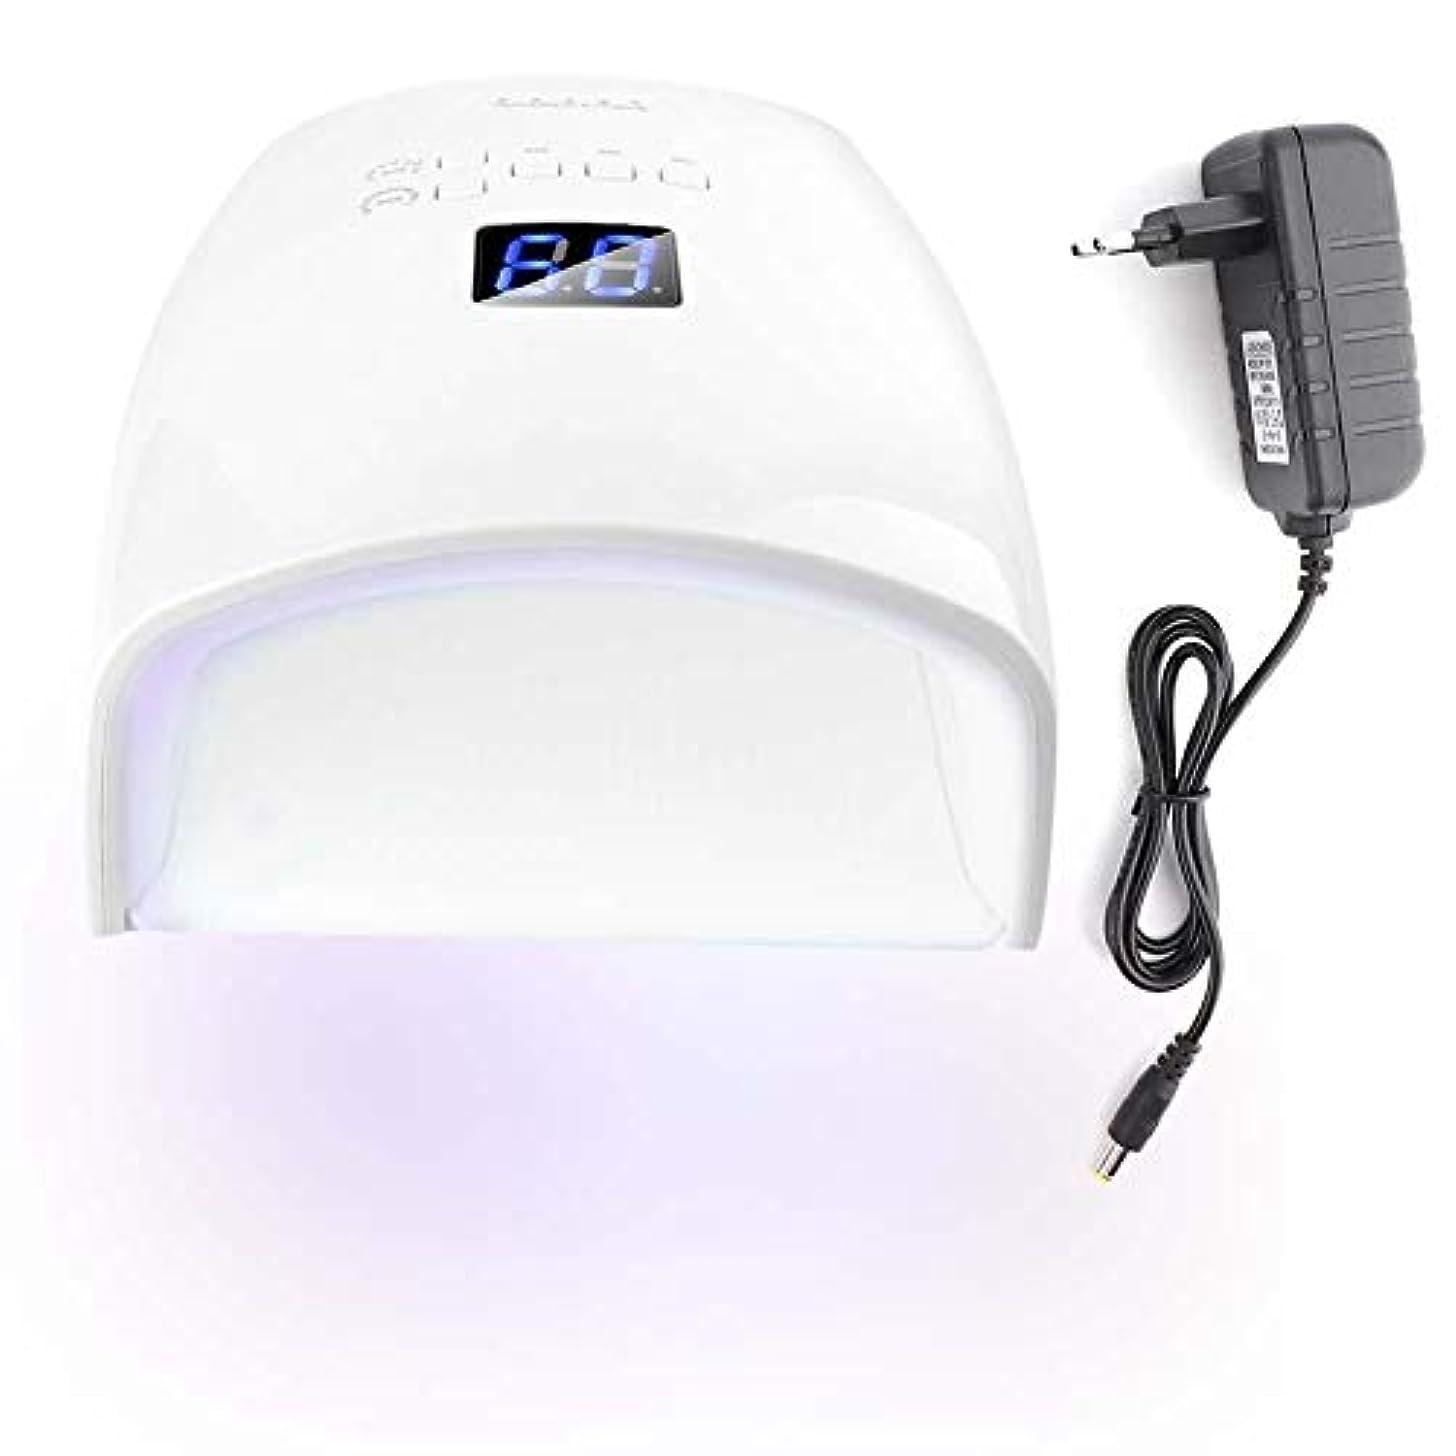 に話すかご着陸48Wネイルドライヤー 30光 自動センサー 5タイマー付き UV LEDネイルランプ (ホワイト)